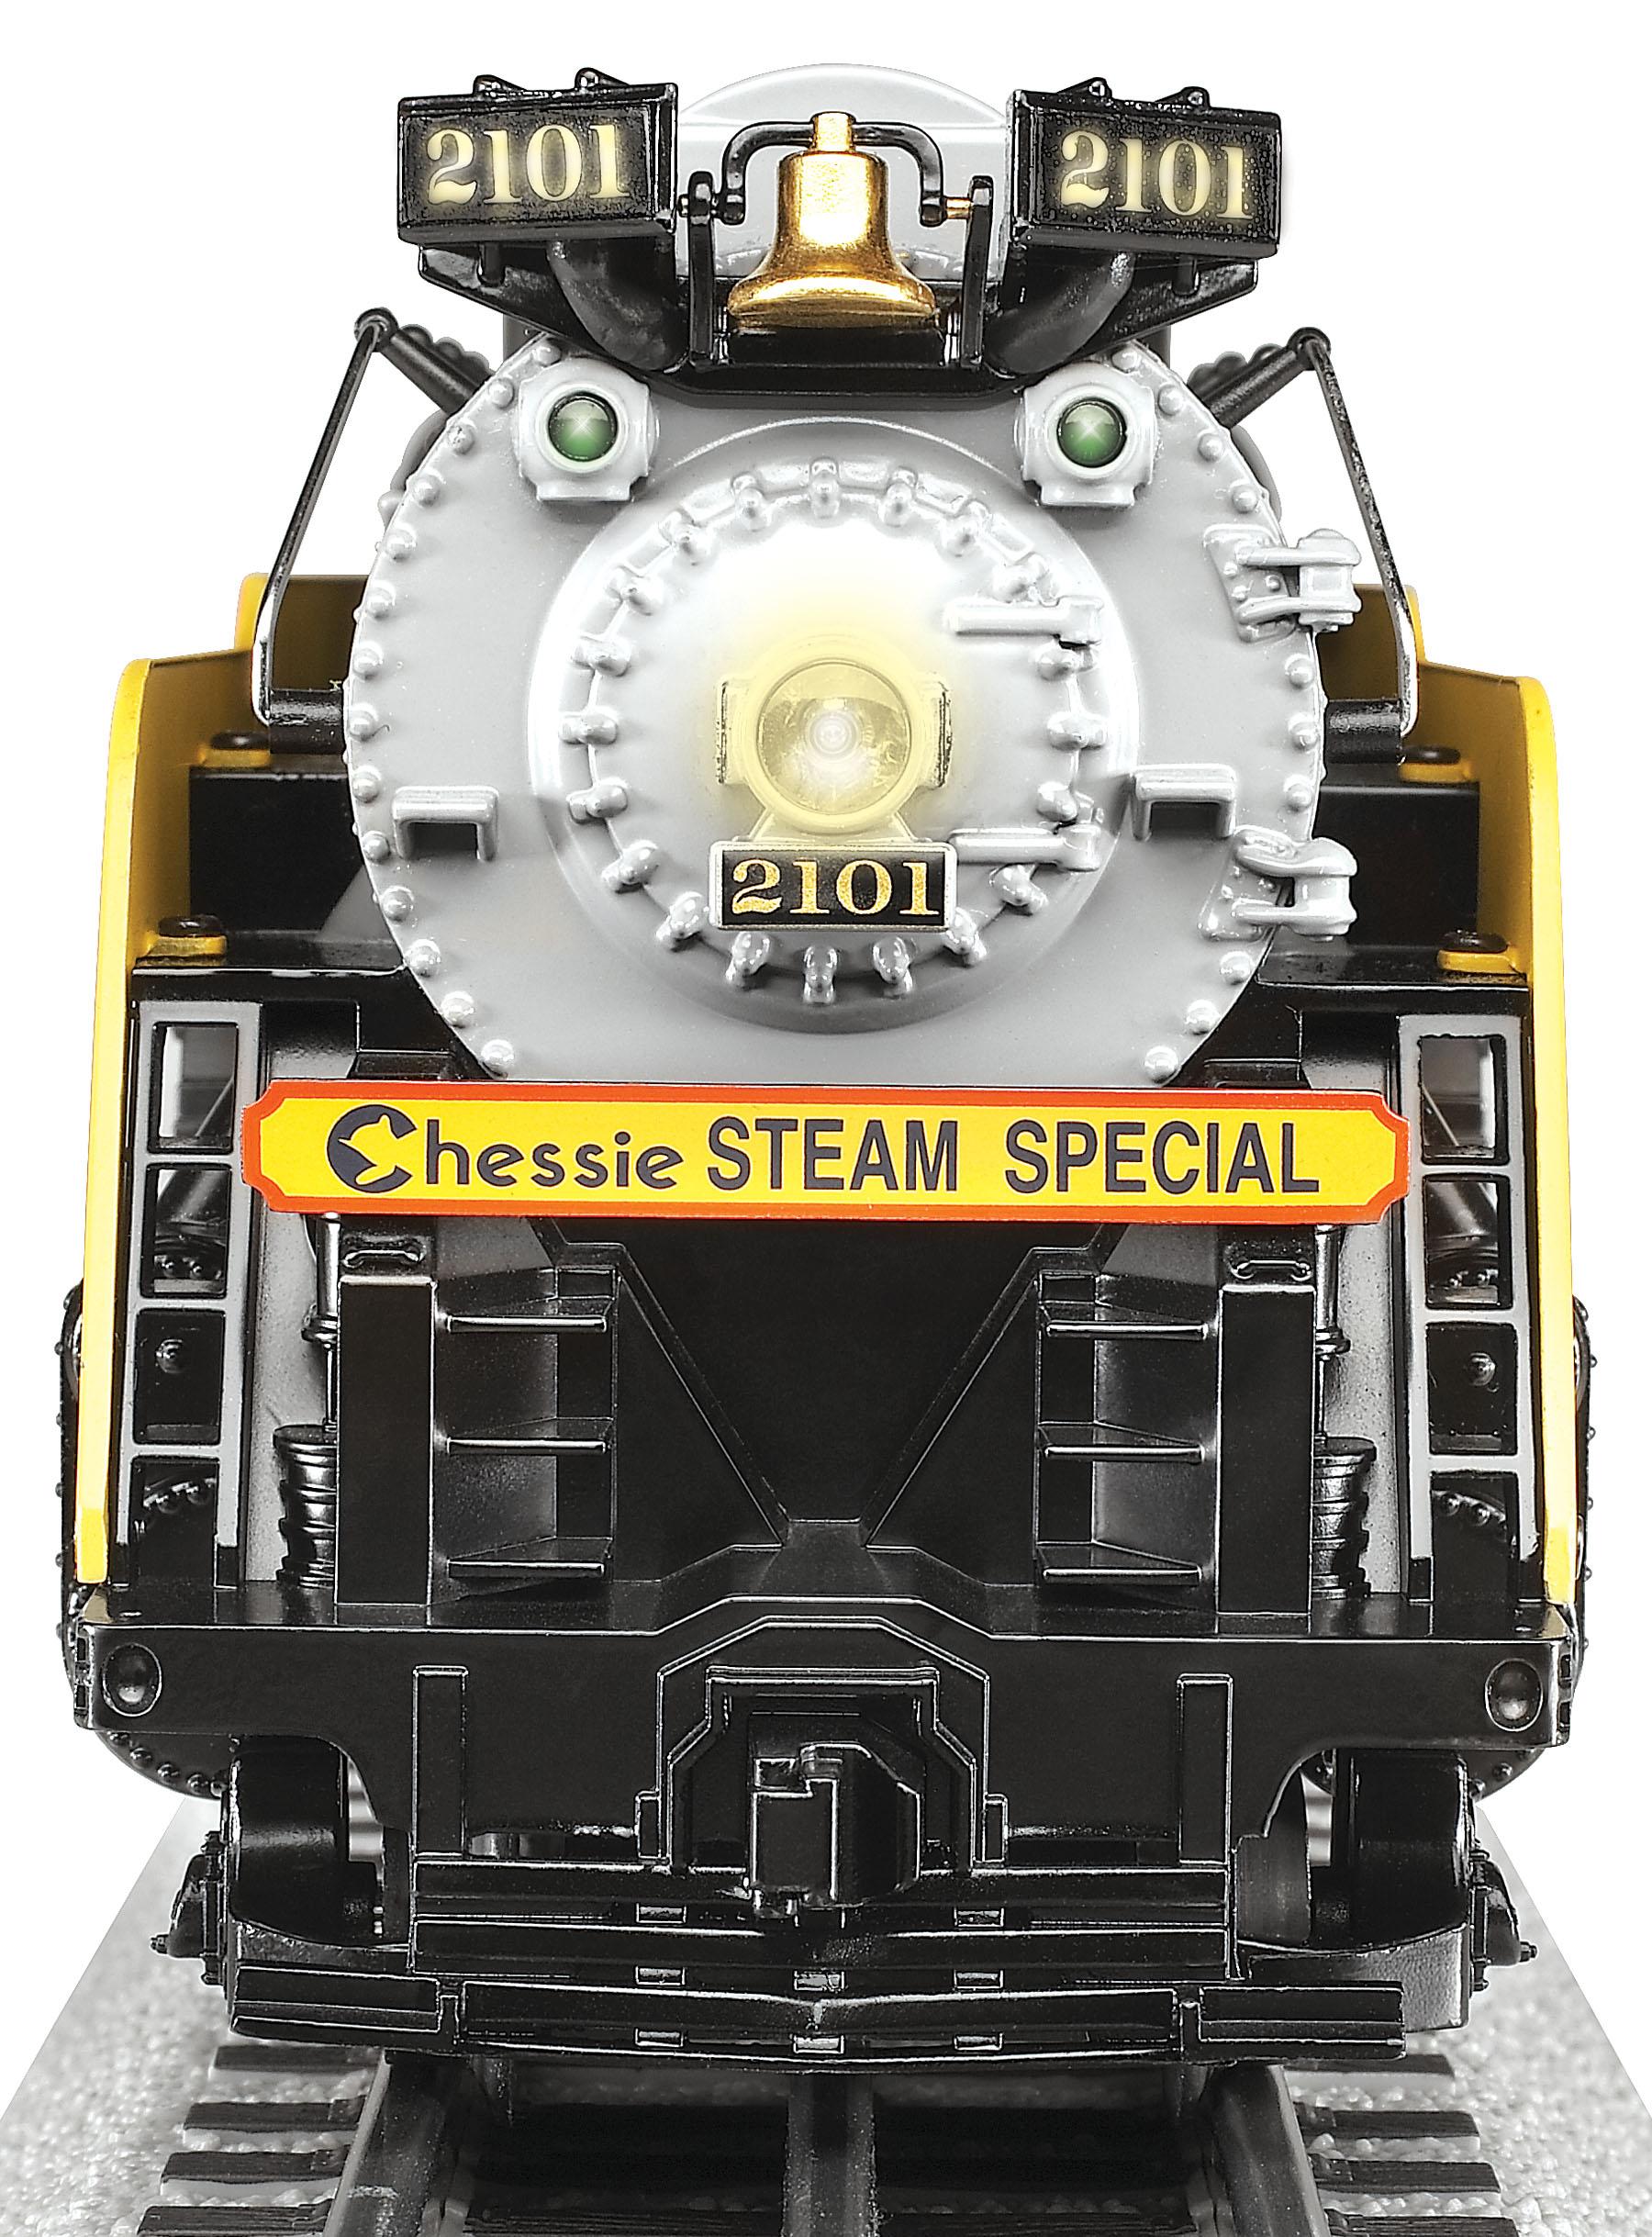 Chessie Steam Special Loco 2101